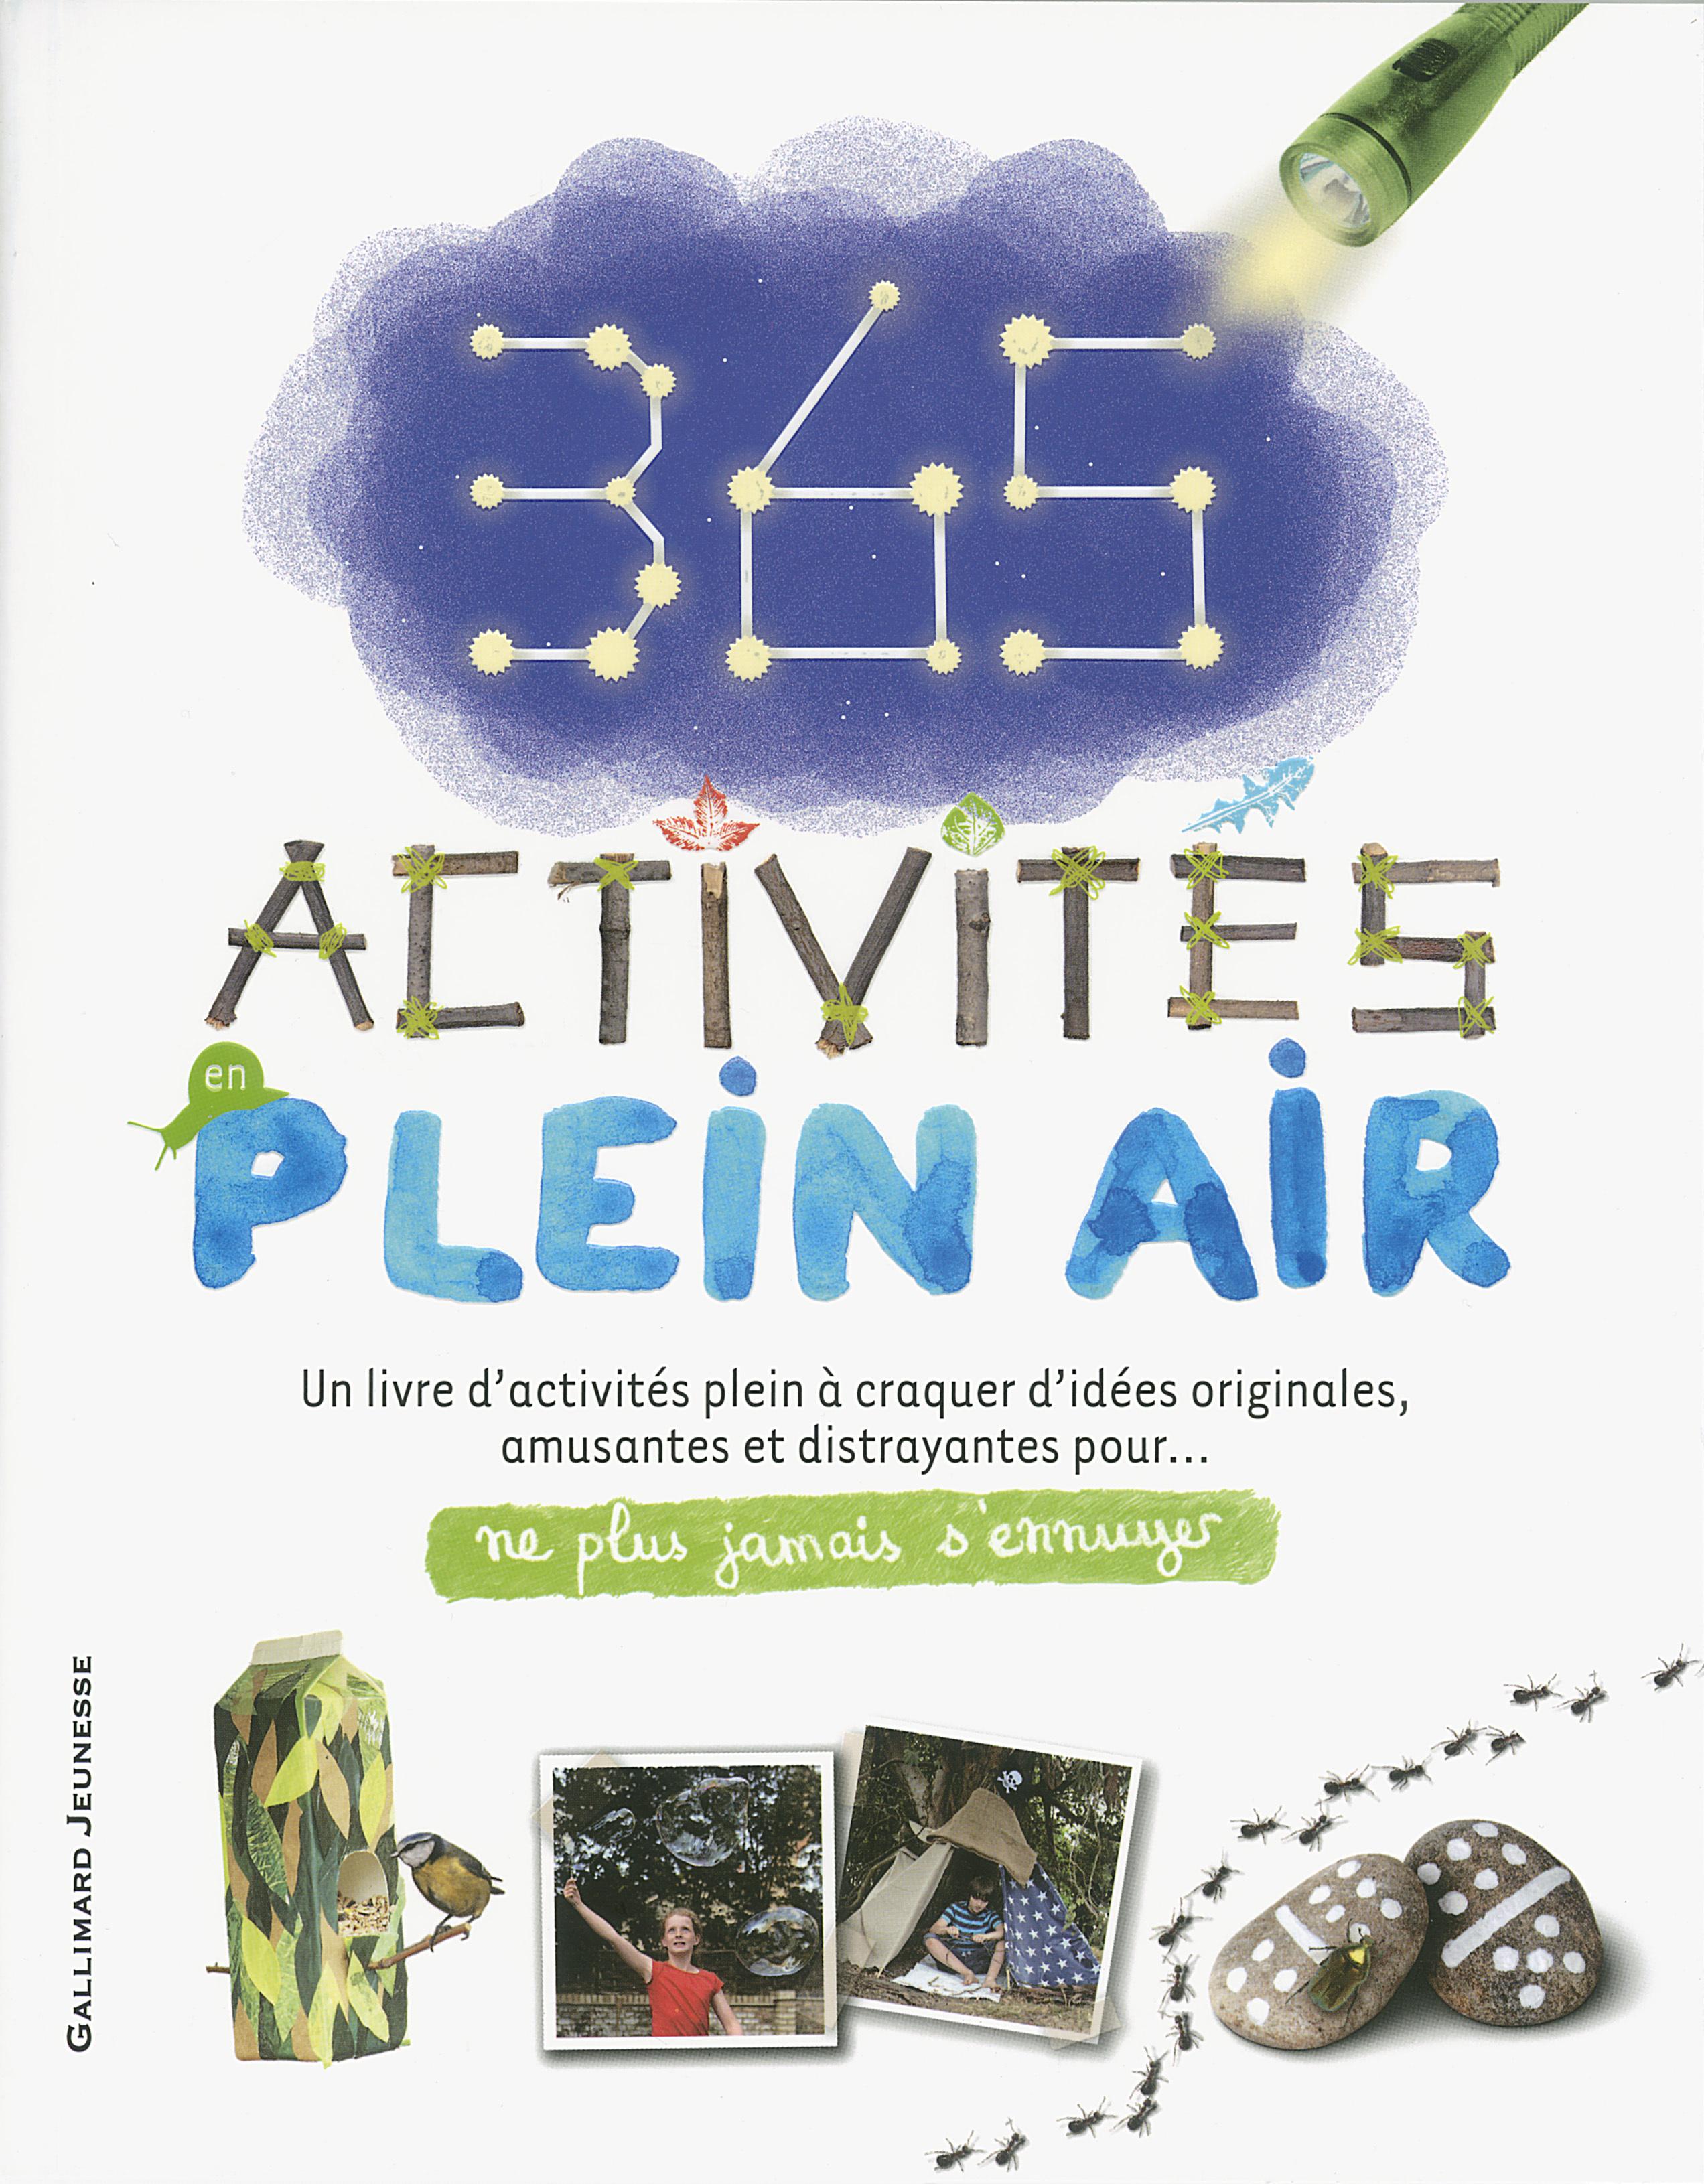 365 ACTIVITES EN PLEIN AIR